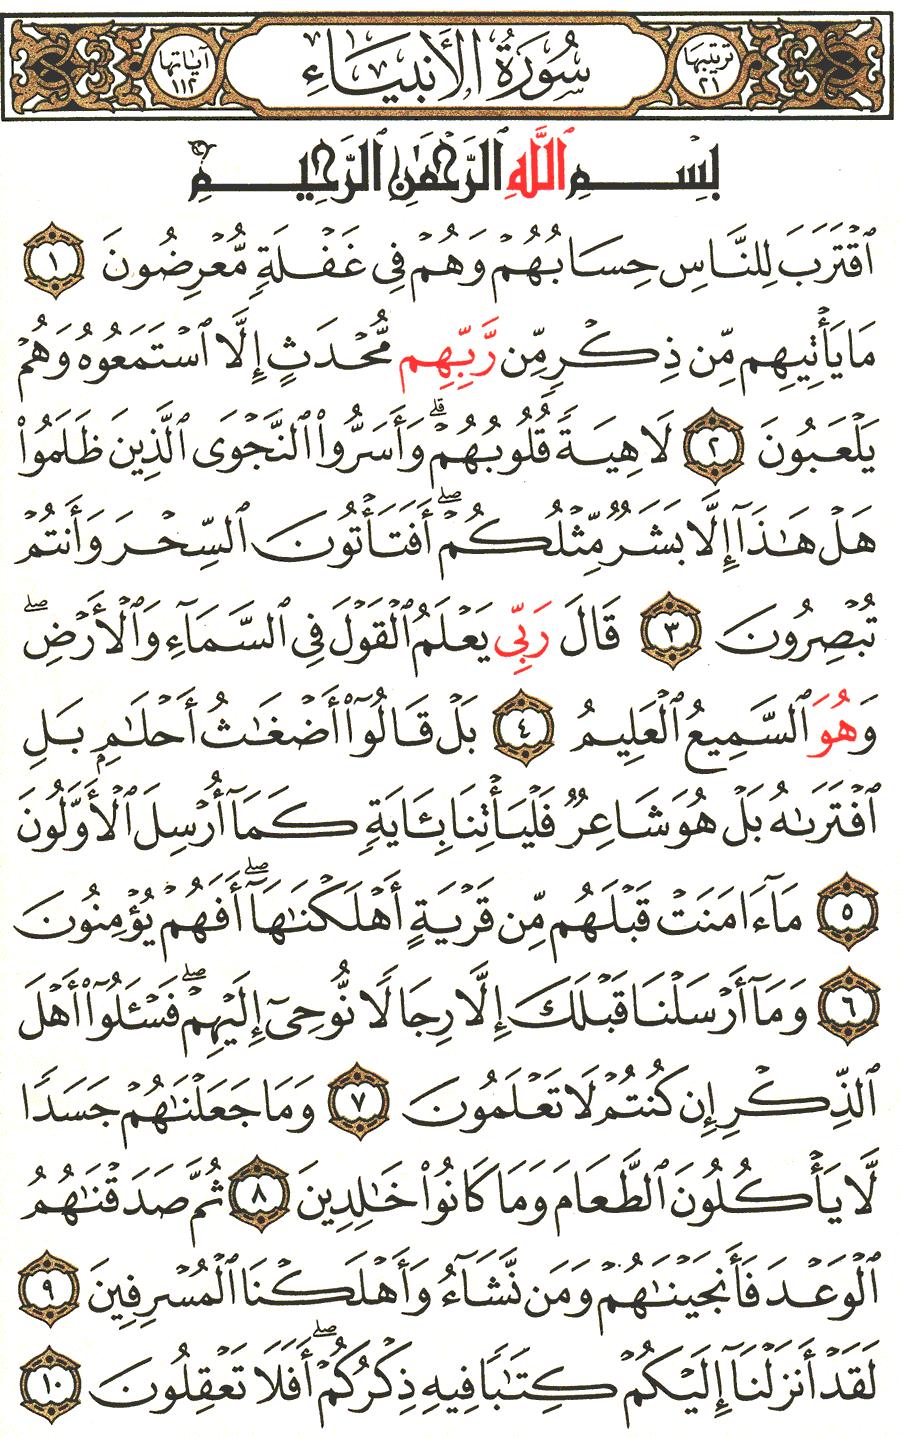 الصفحة رقم 322  من القرآن الكريم مكتوبة من المصحف